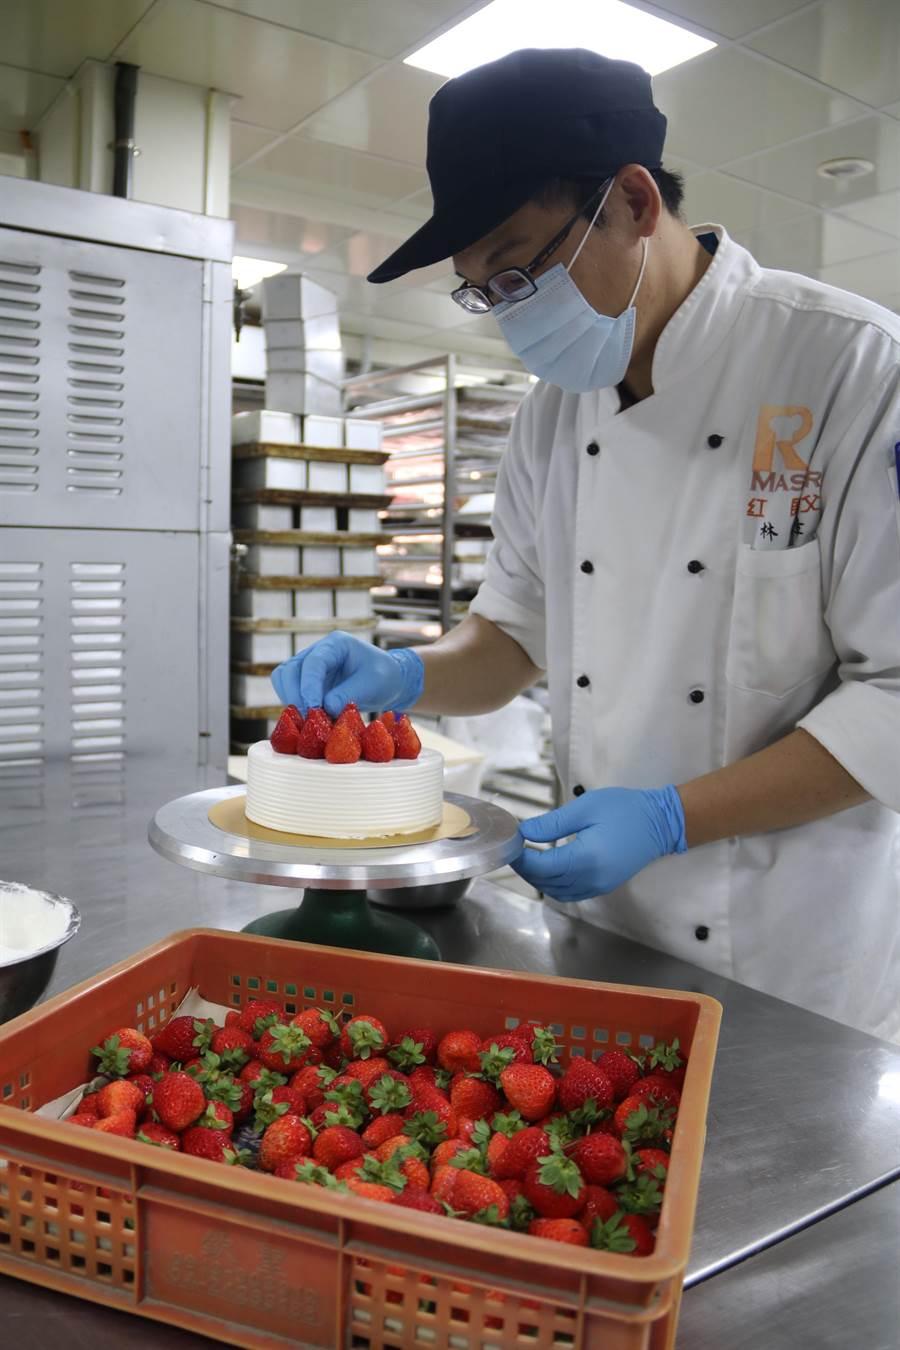 弘光科技大學烘焙食品實習工廠「紅師父」推出少女系甜點,每天採買新鮮草莓,限量製作。(王文吉攝)